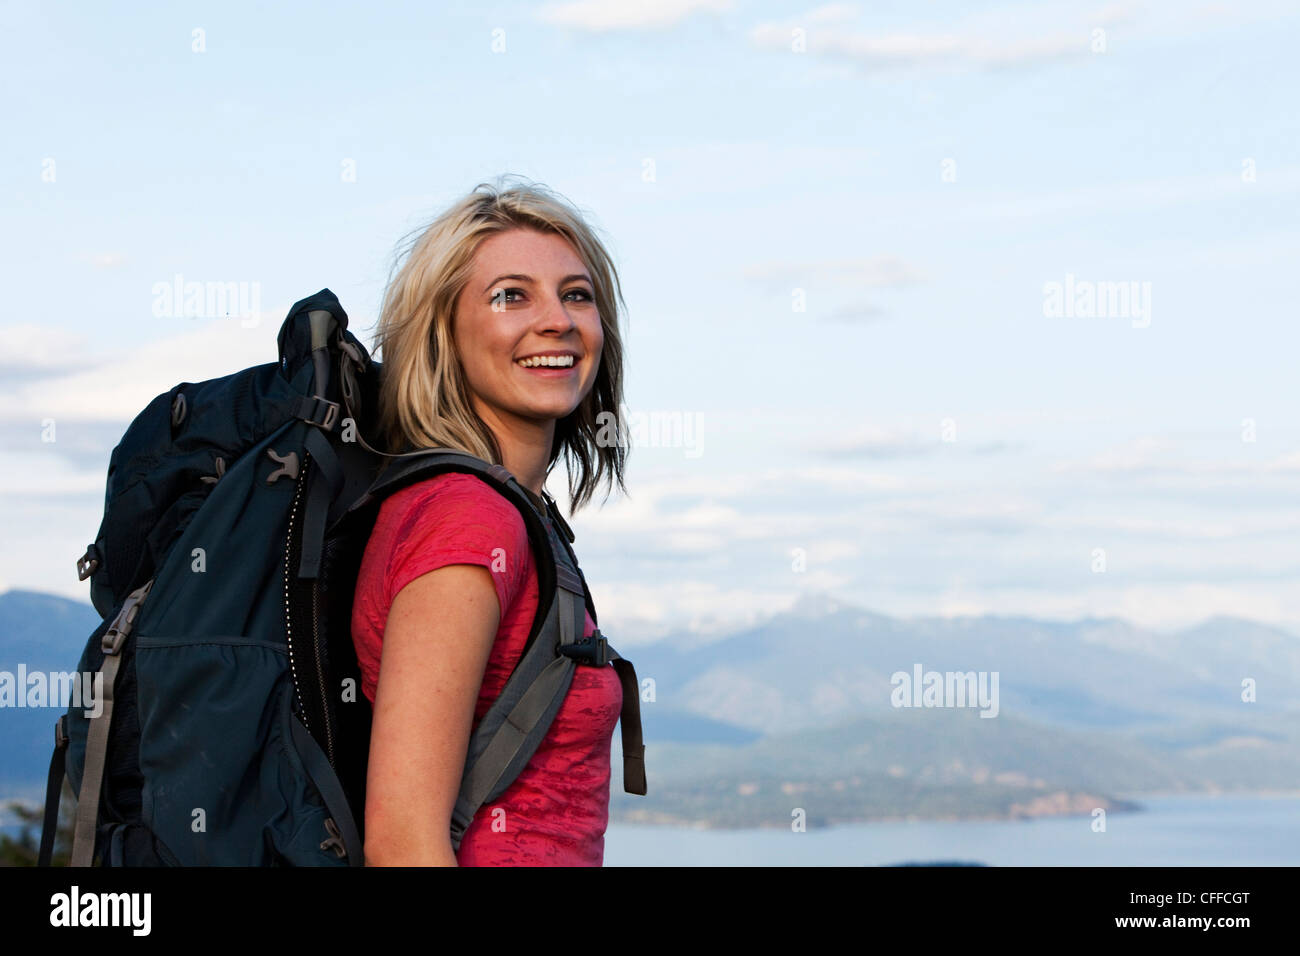 Una mujer sonriente atlética en un viaje mochilero en Idaho. Imagen De Stock